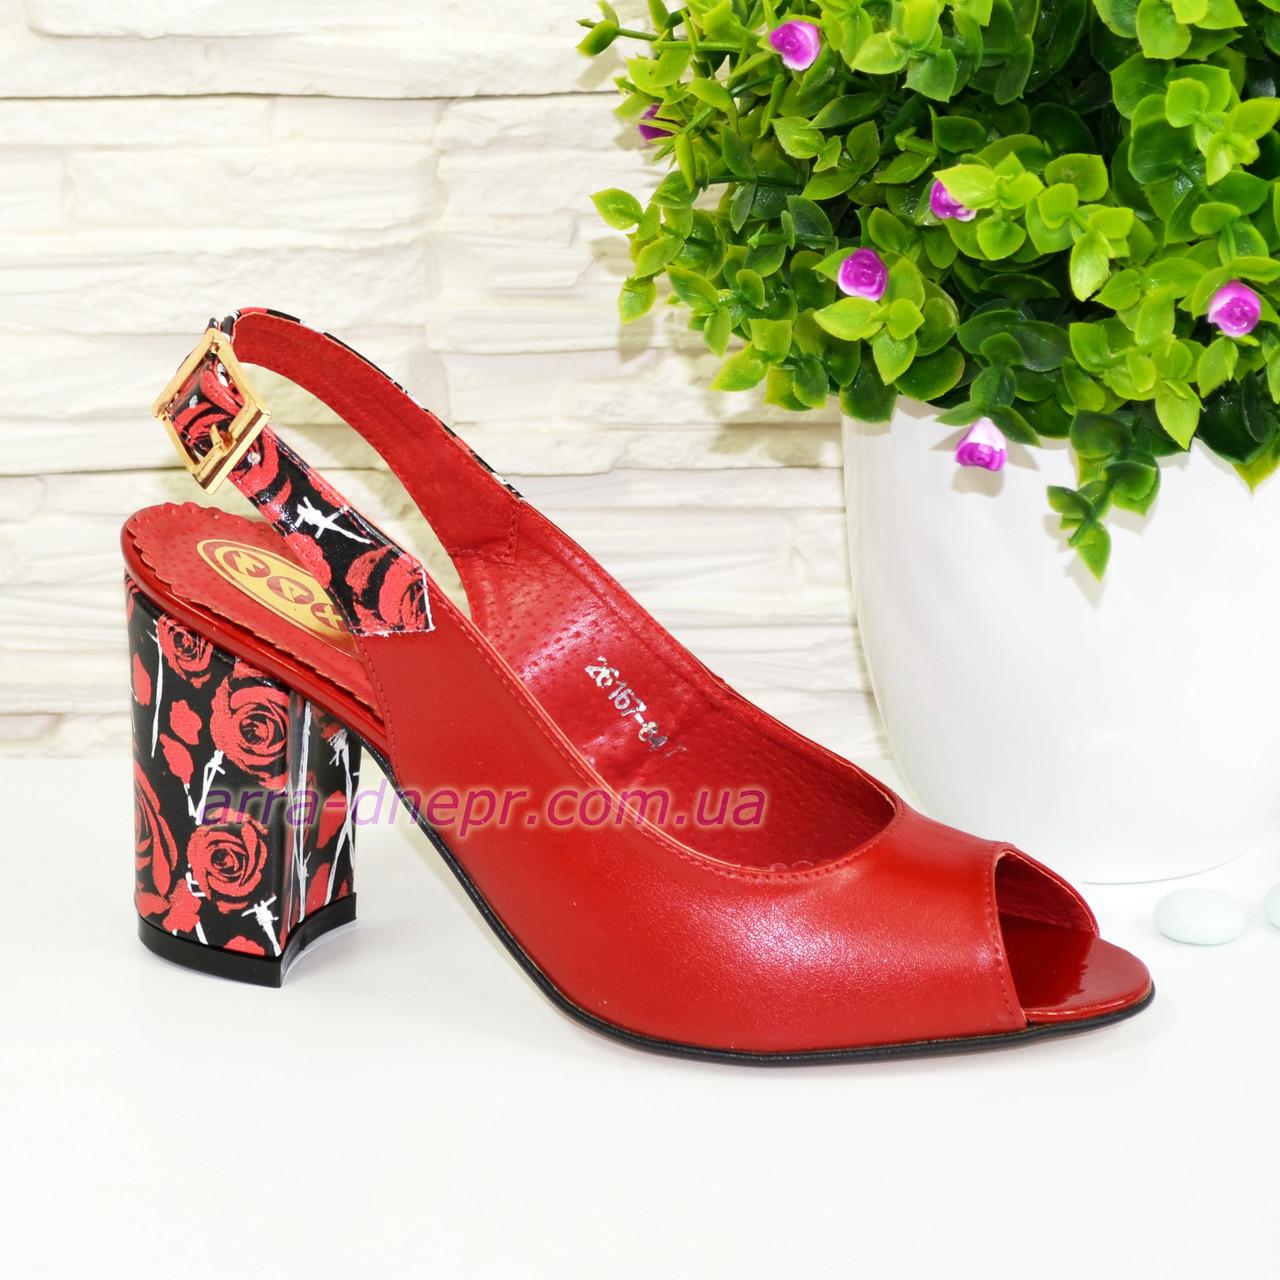 Женские кожаные босоножки на устойчивом высоком каблуке. Цвет красный/черный